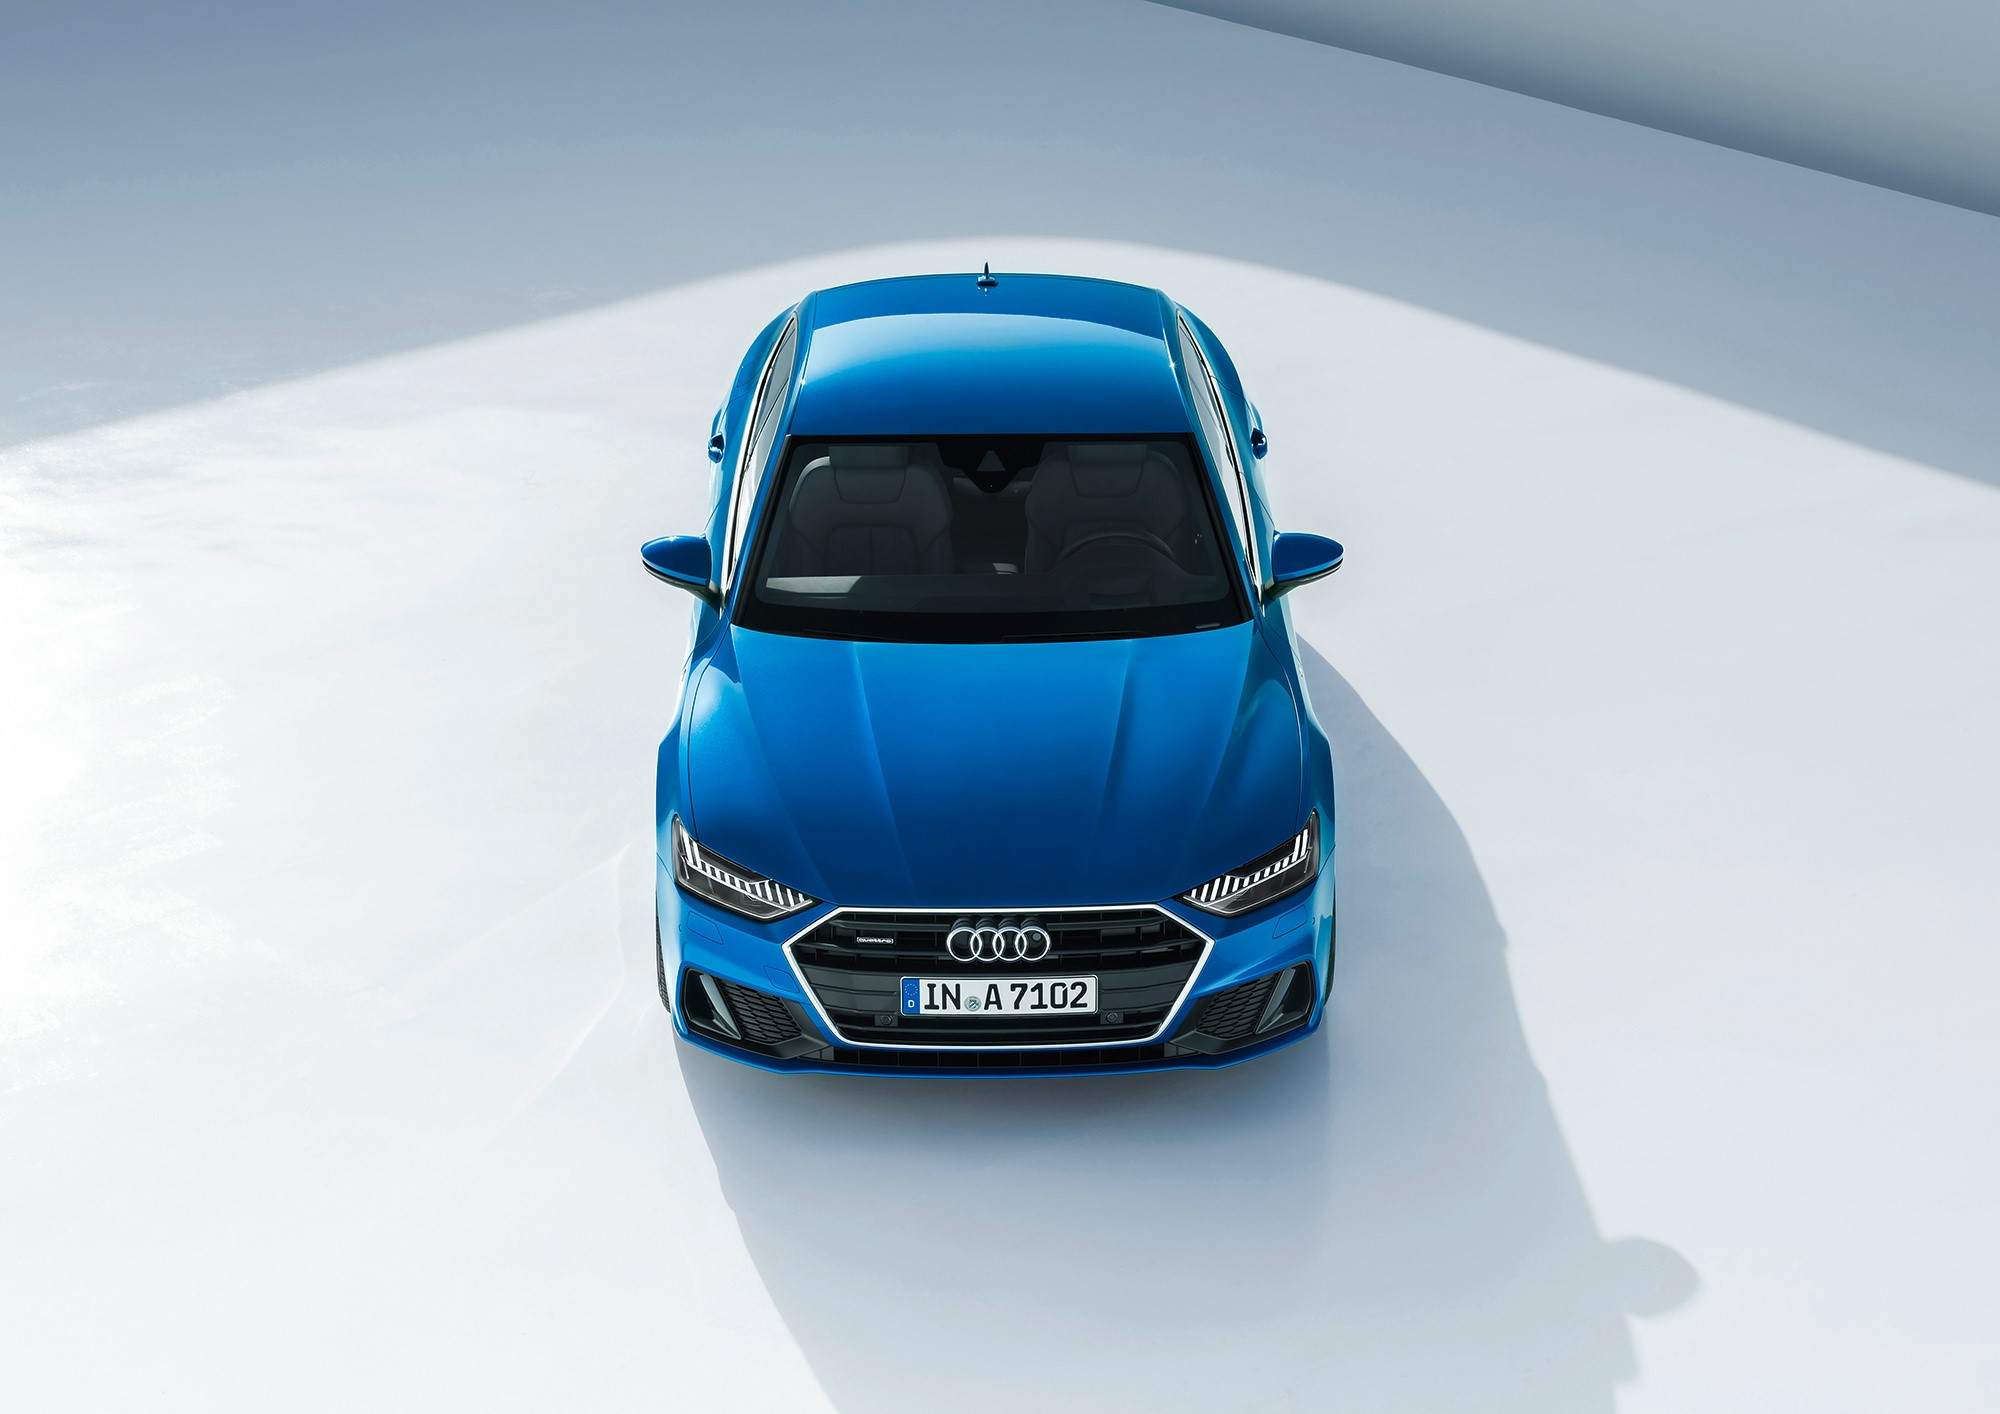 Audi A7 HQ